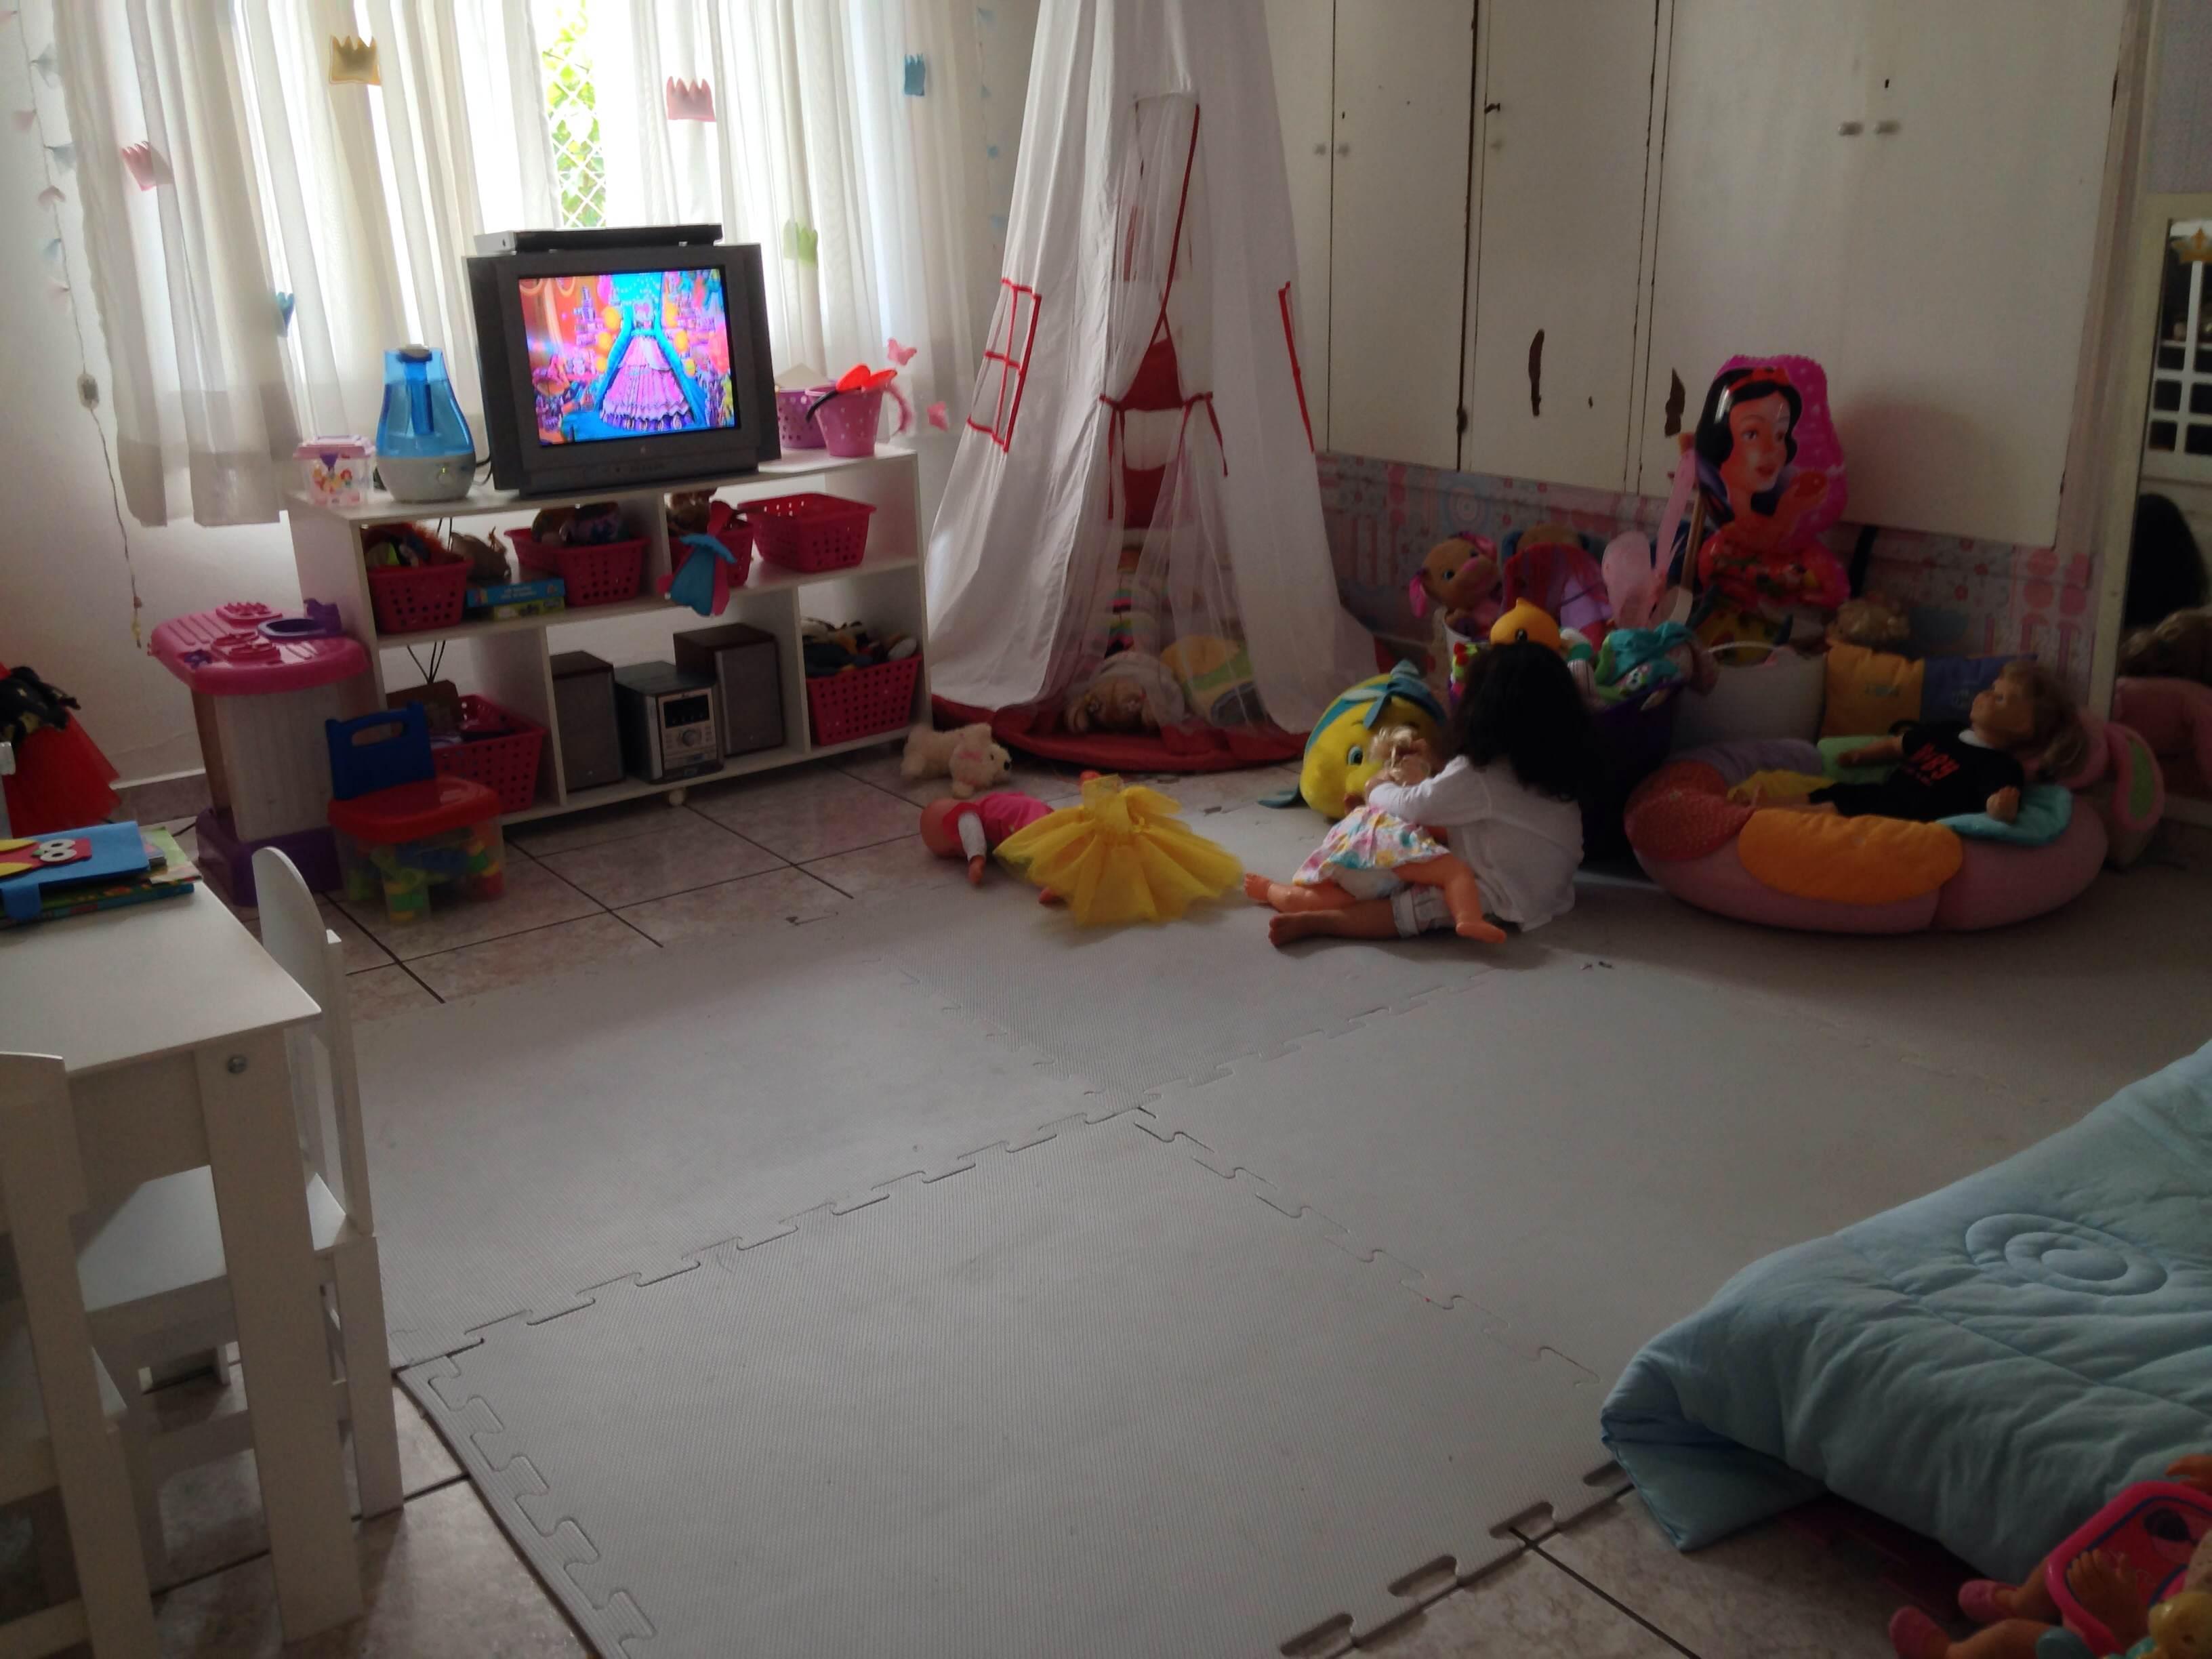 Decora O Infantil Quarto De Princesa Maternidade Colorida ~ Decoração Coruja Quarto Bebe E Pinturas Quarto De Bebe